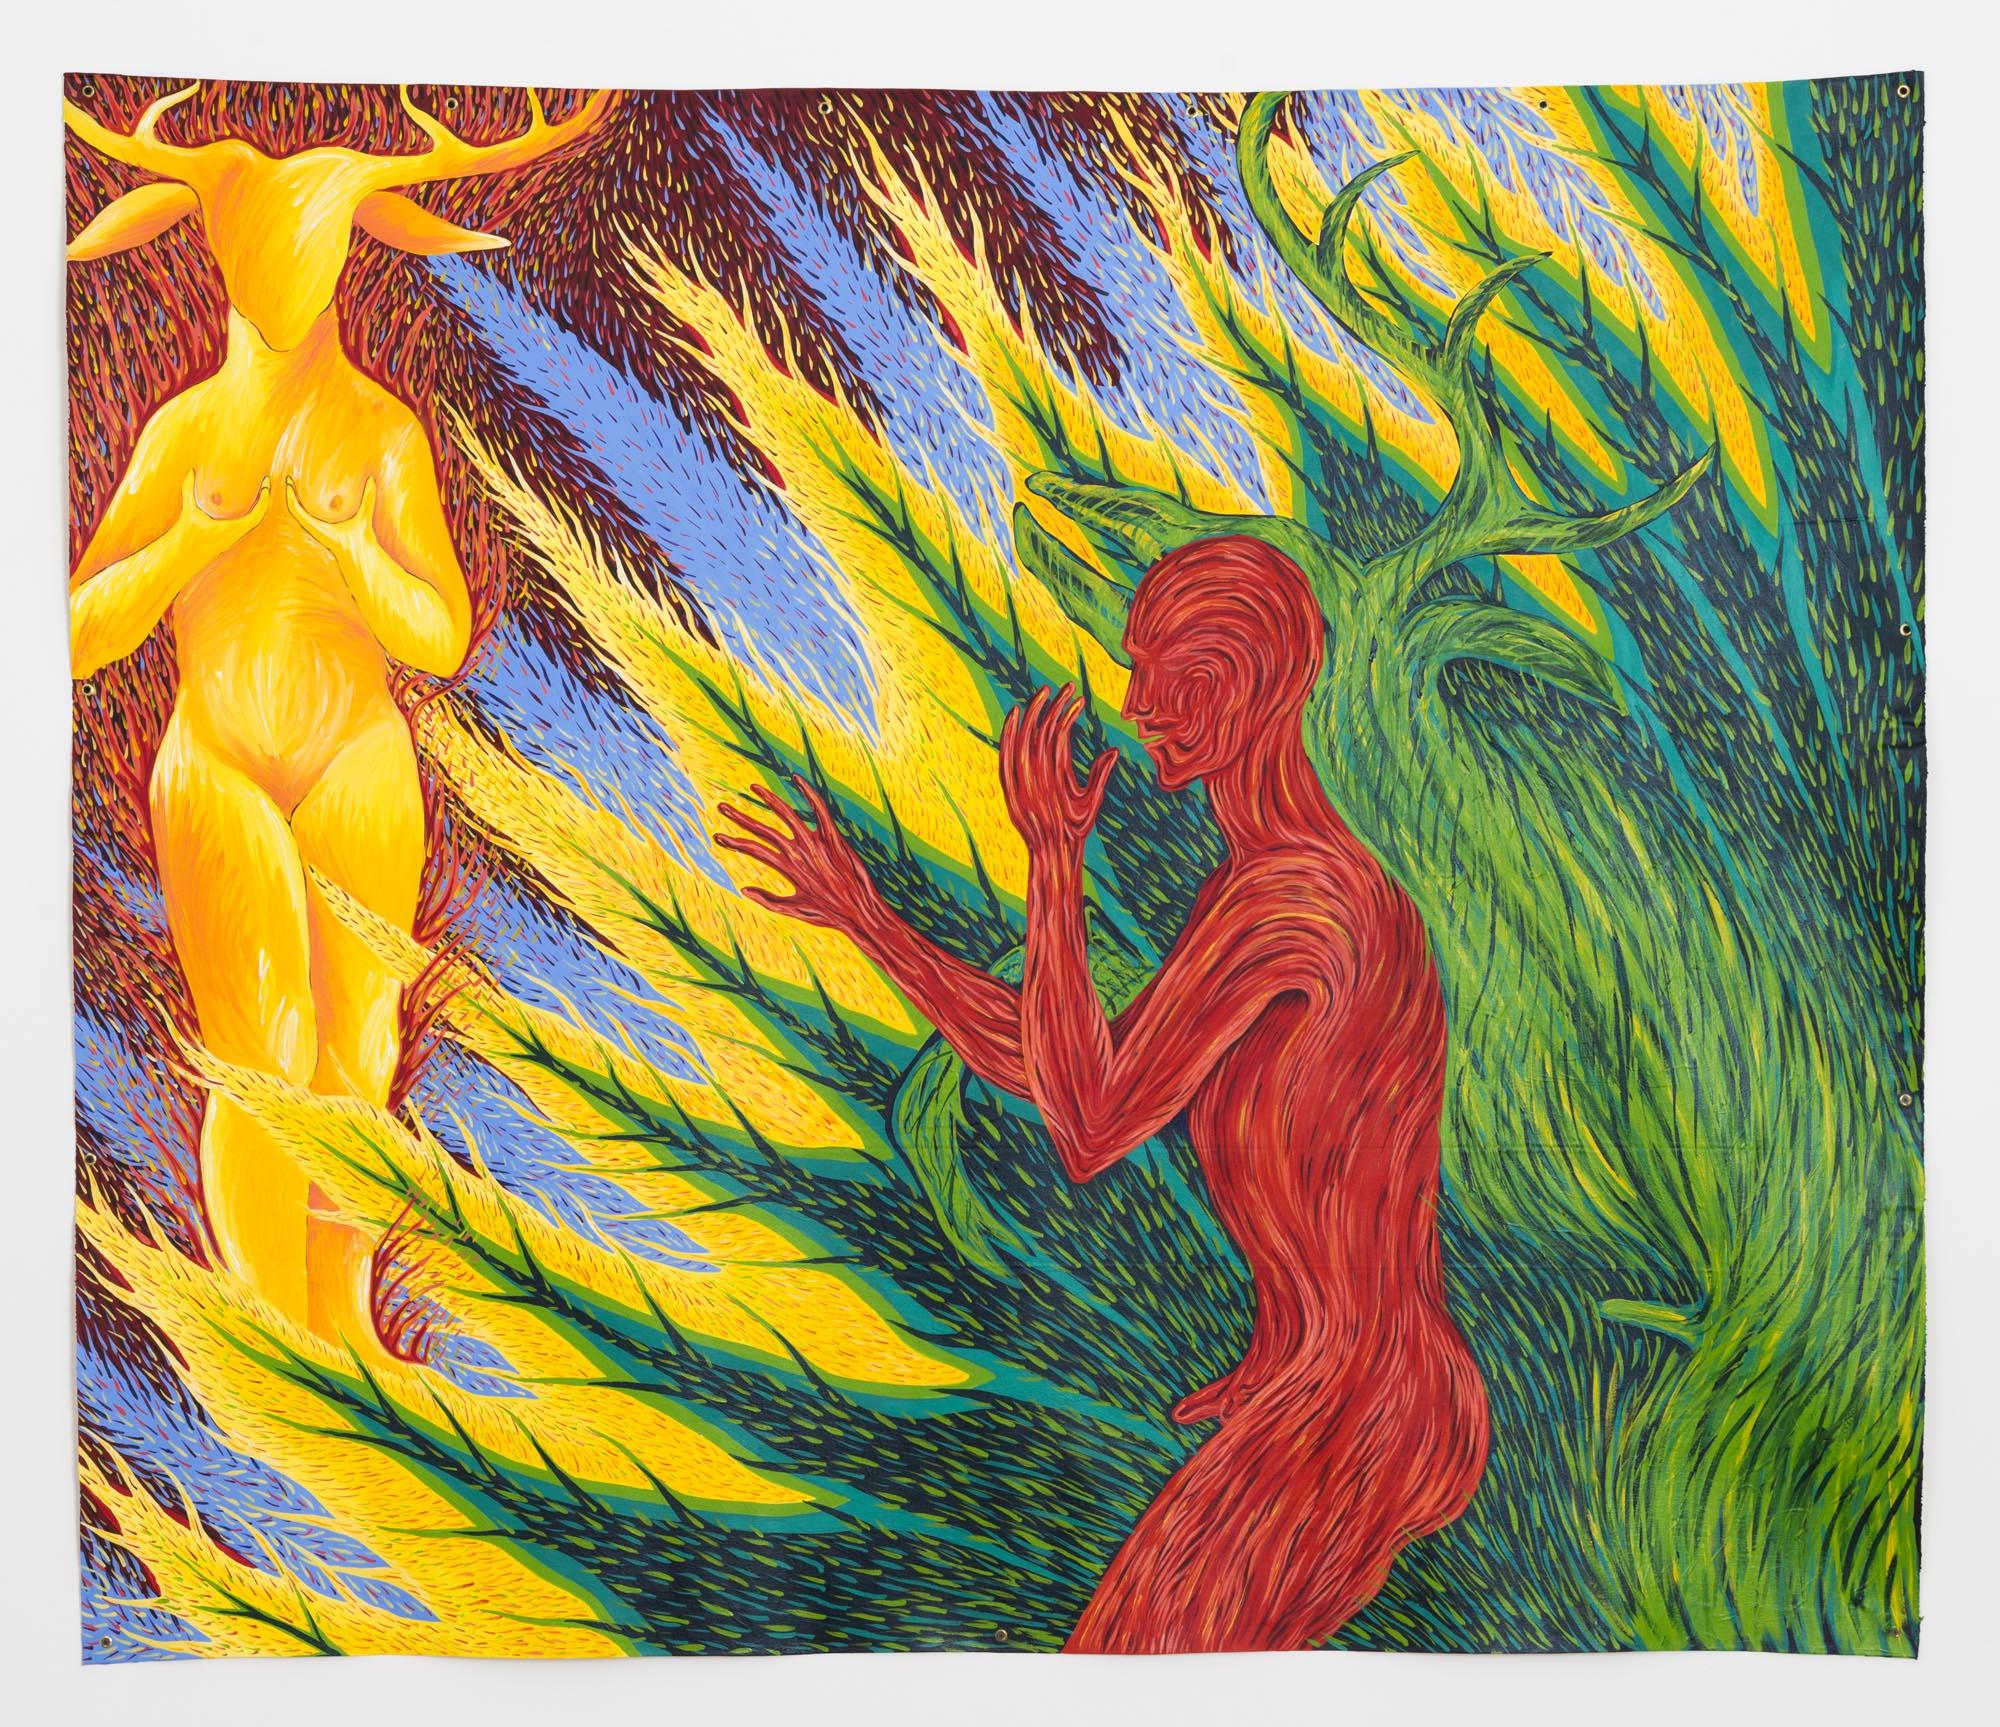 """FAITH WILDING """"Myths of Desire: Diana + Actaeon"""" , 1984, acrylic on canvas, 71.5 x 83 in."""